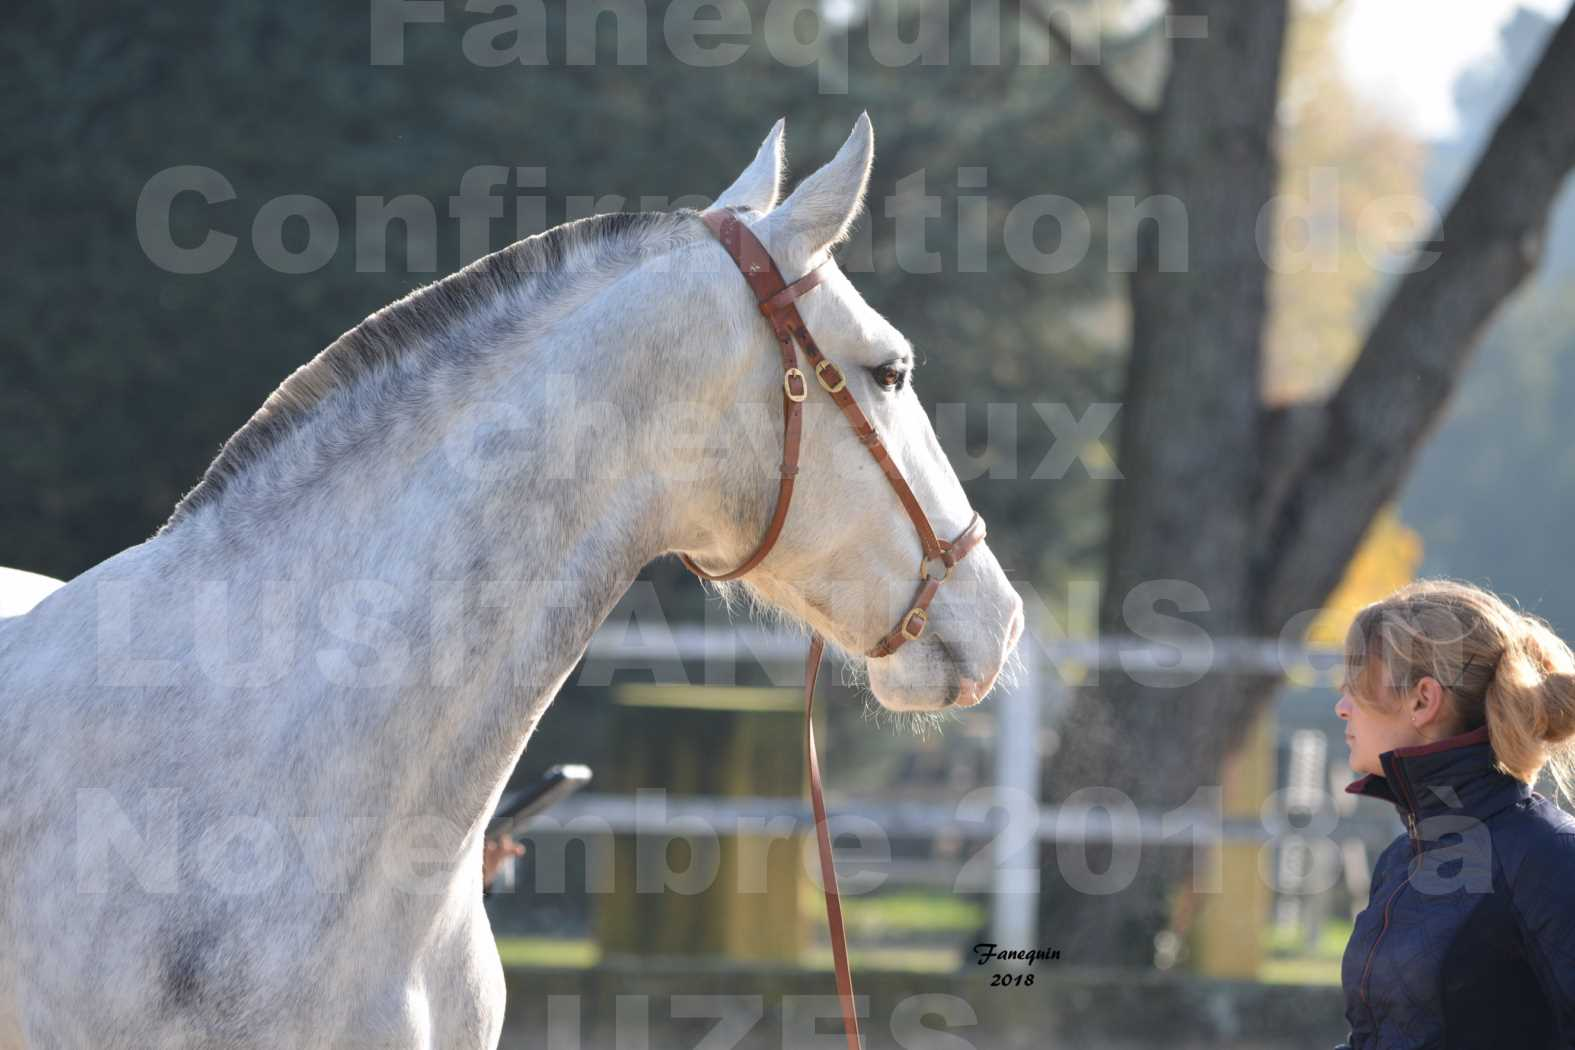 Confirmation de chevaux LUSITANIENS aux Haras d'UZES Novembre 2018 - LUTECE DU CASTEL - Portraits - 2